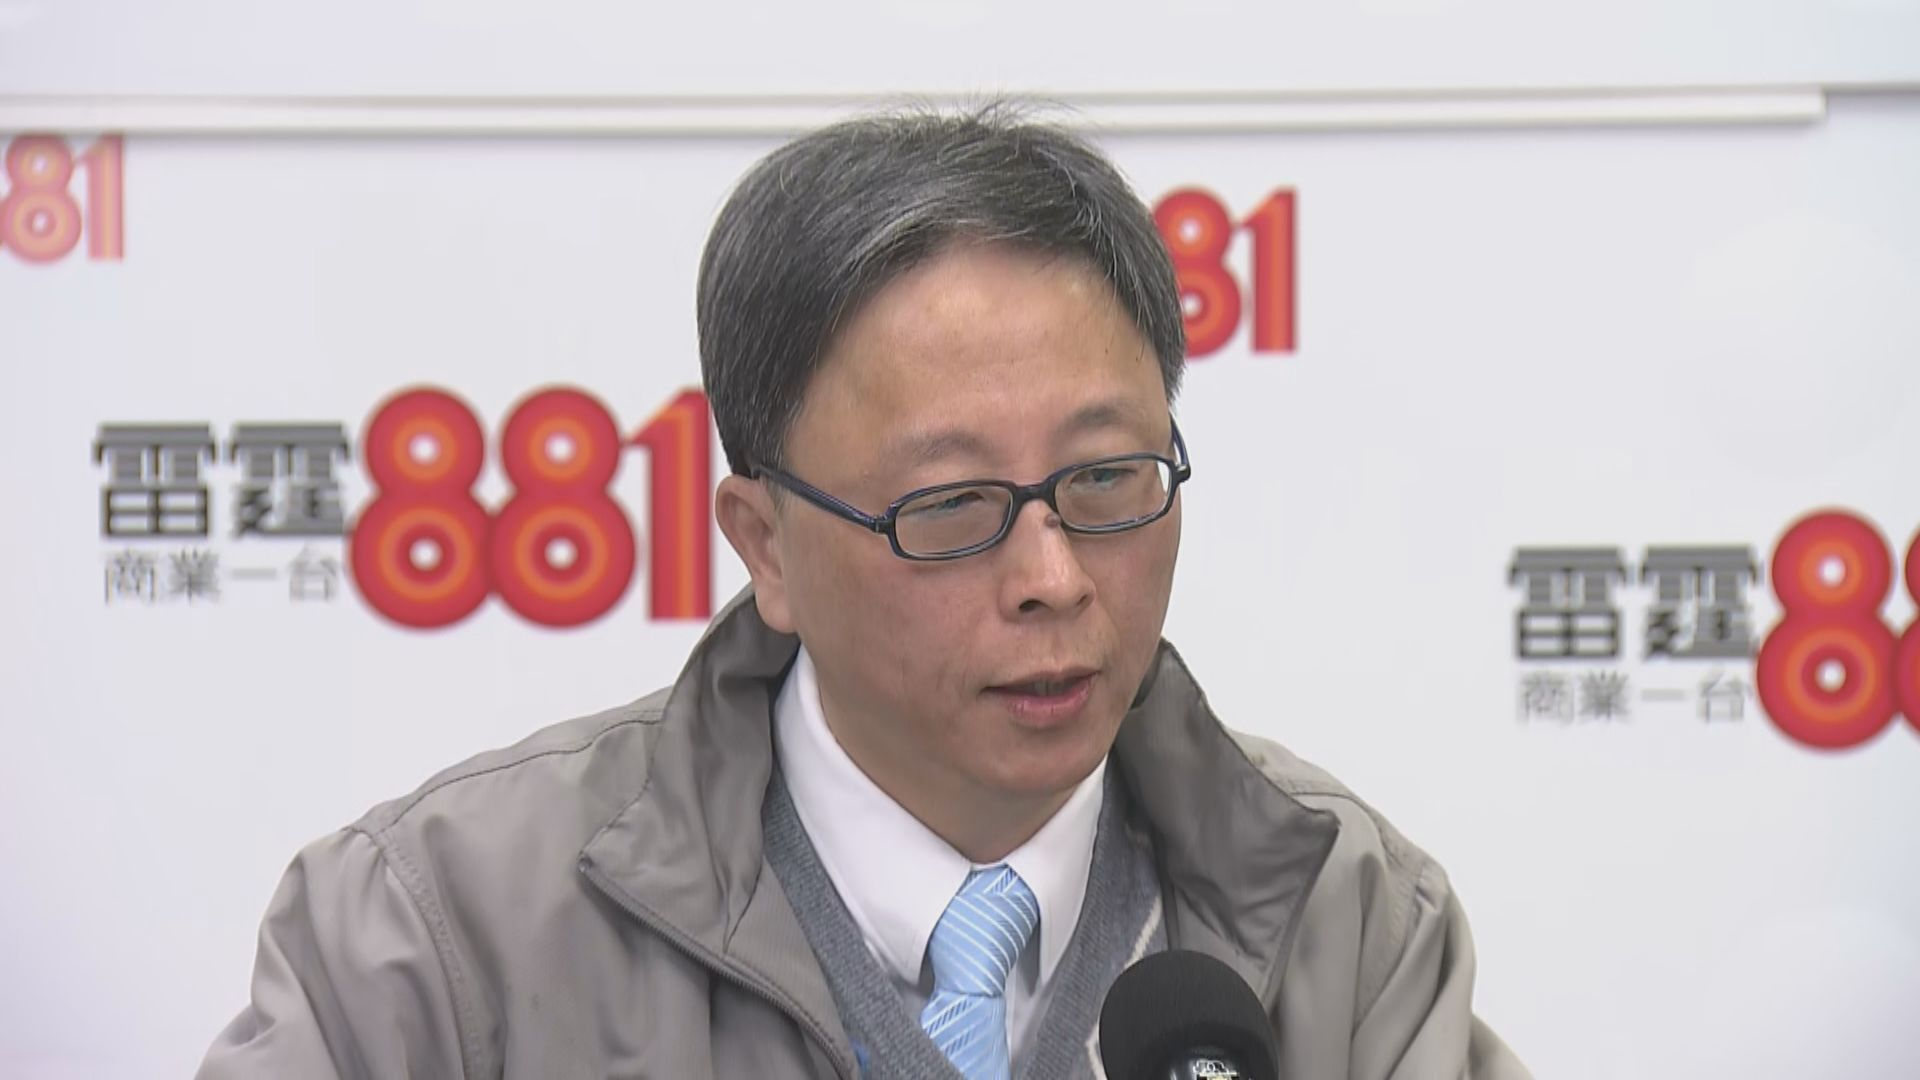 何栢良:武漢肺炎個案短時間內上升 懷疑病毒可人傳人